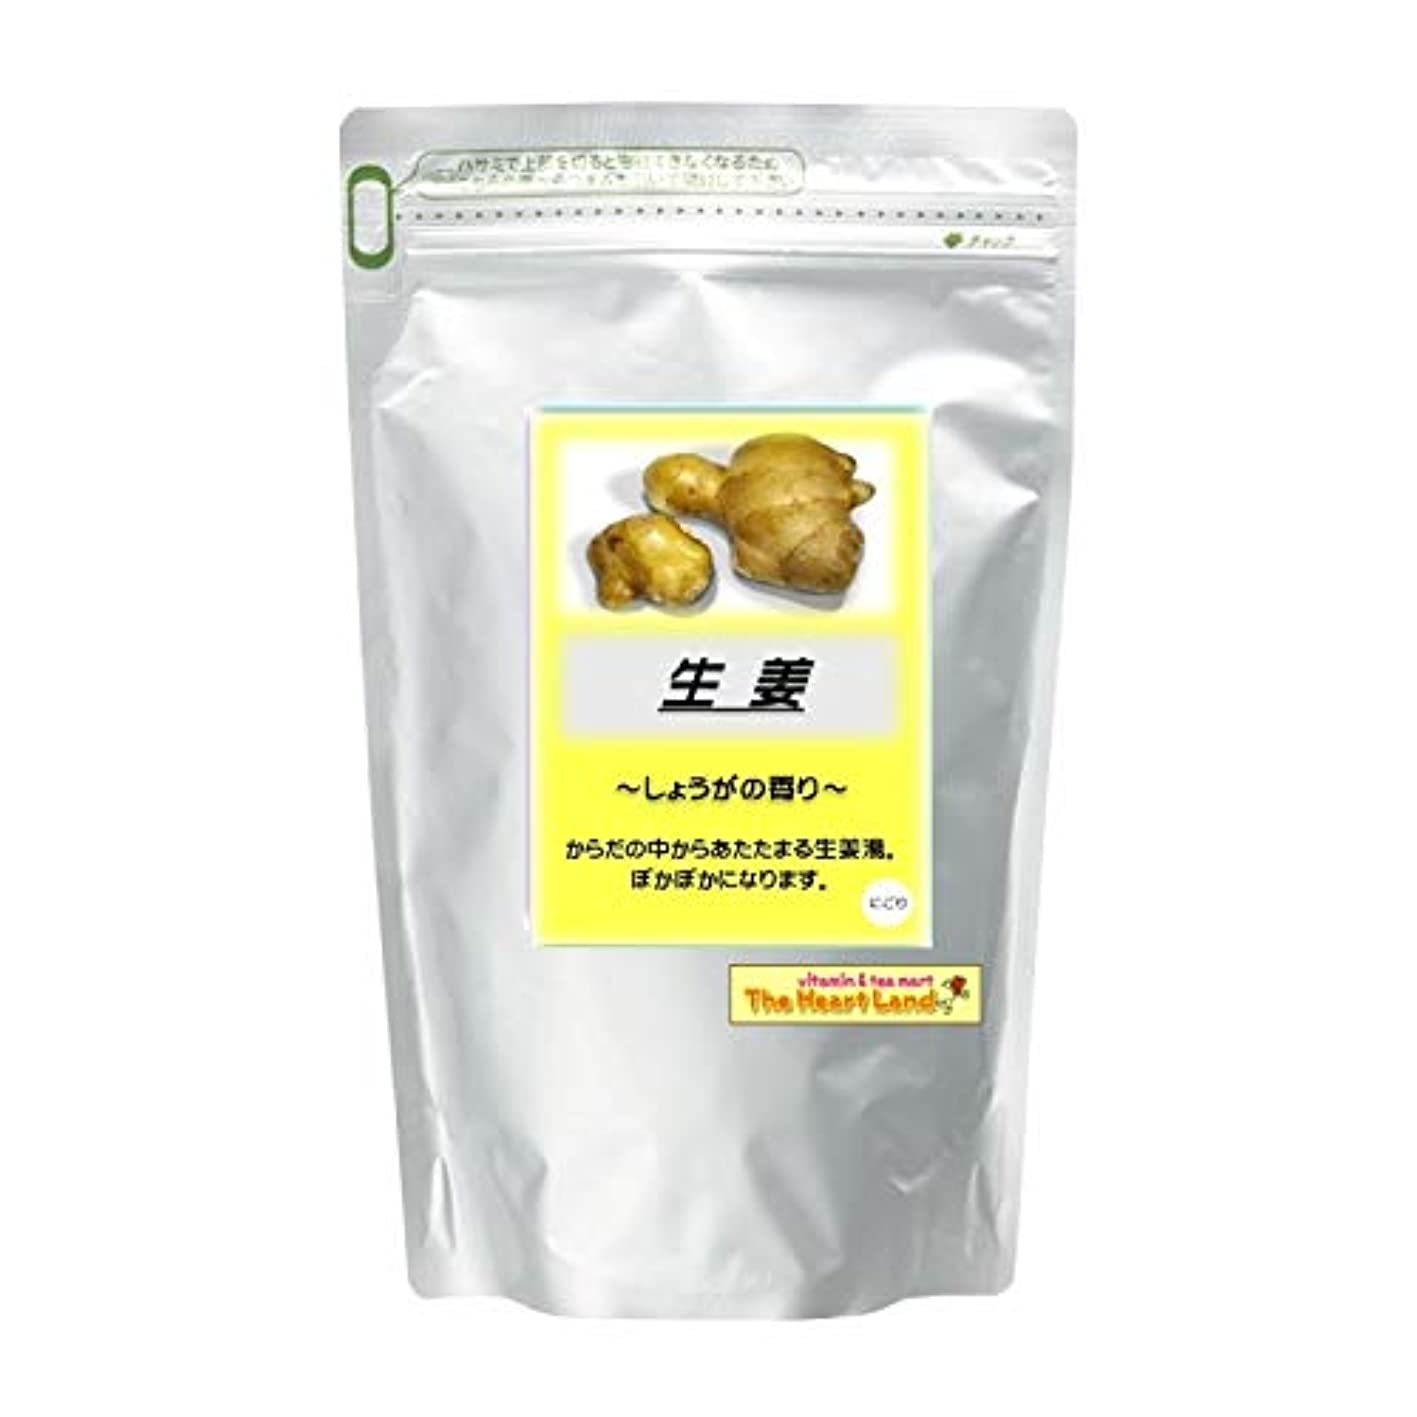 チェリー戦術樹木アサヒ入浴剤 浴用入浴化粧品 生姜 2.5kg